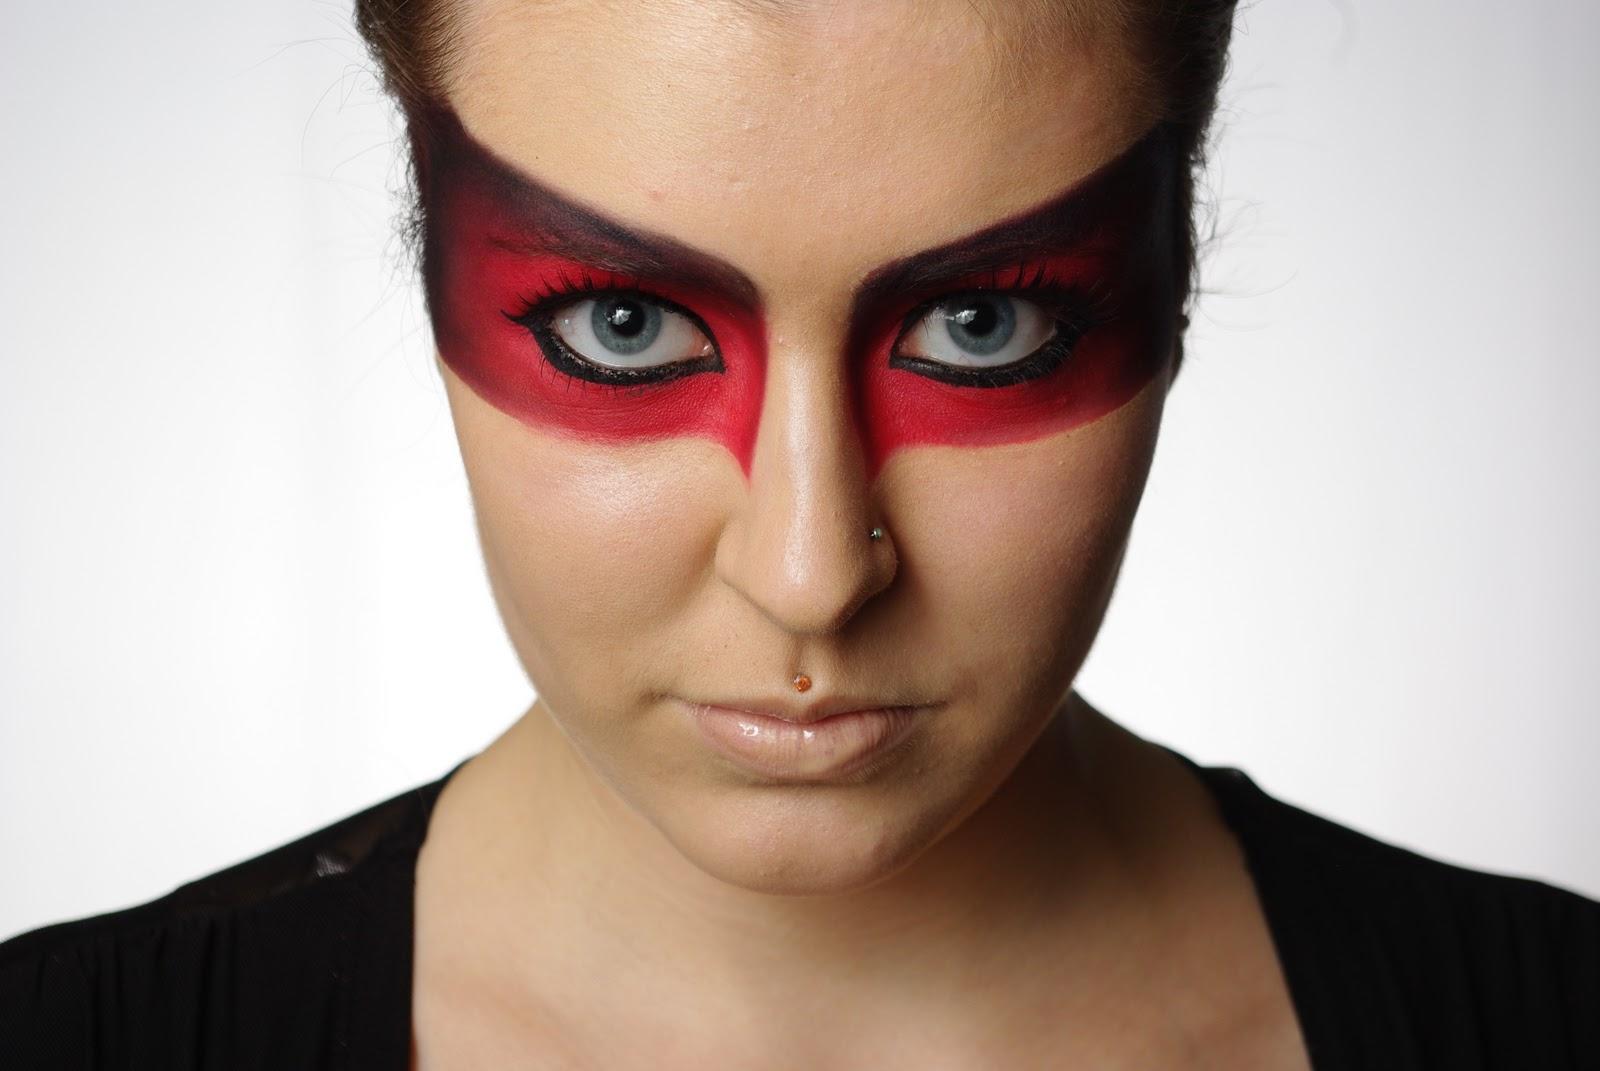 Superhero Makeup Robin Eye Makeup - Mak...